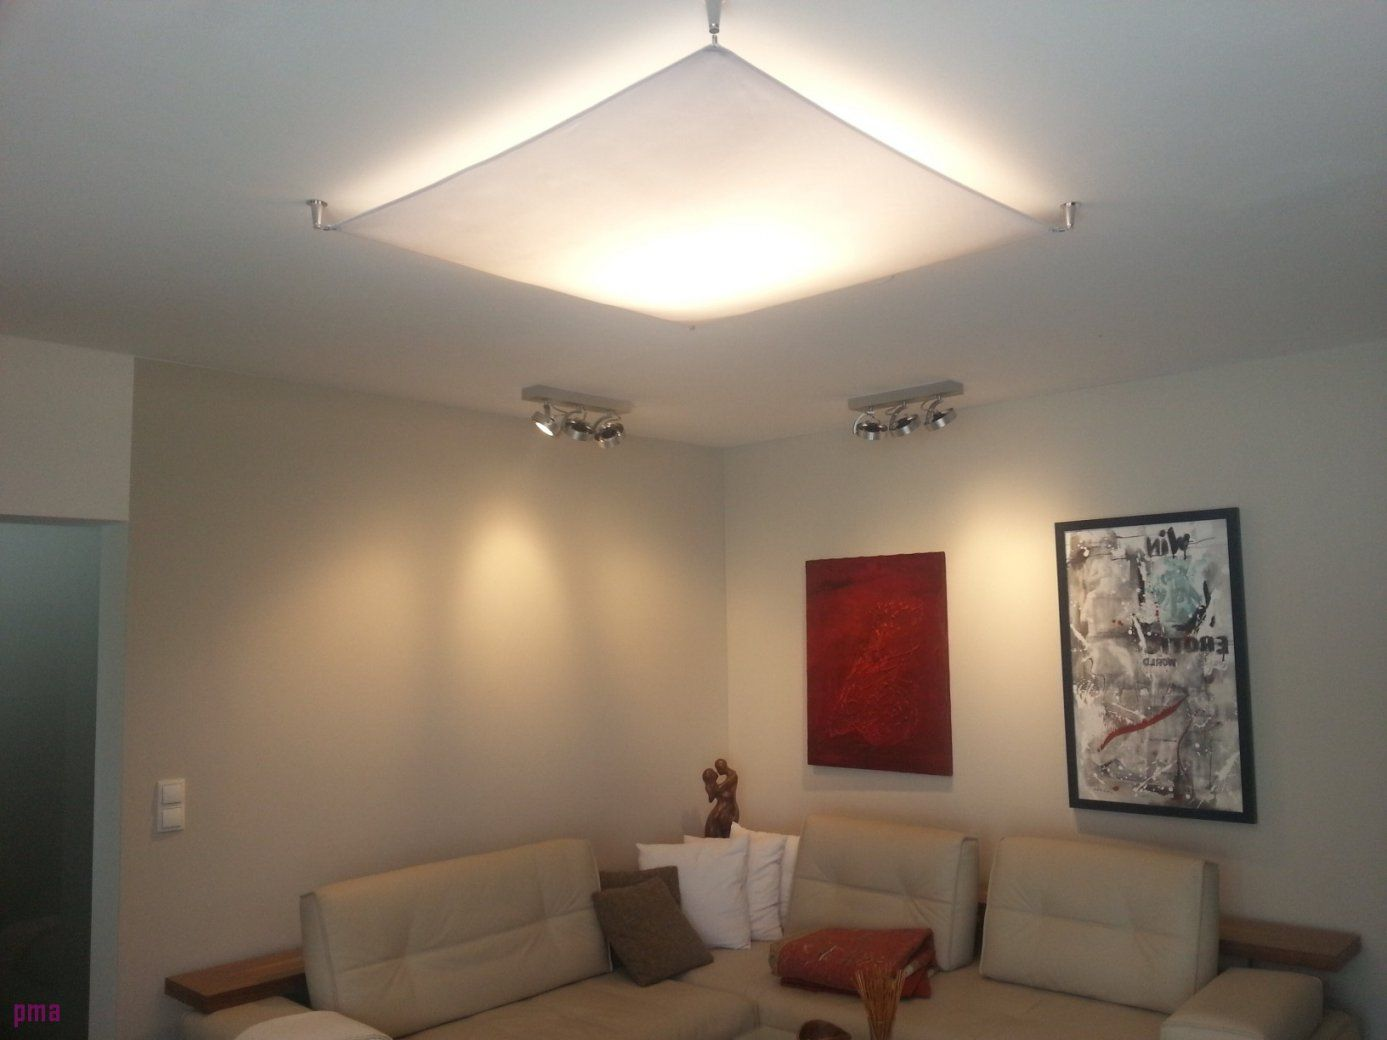 22 Incredible Inspiration Um Indirektes Licht Wohnzimmer Selber von Indirekte Beleuchtung Wohnzimmer Selber Bauen Bild